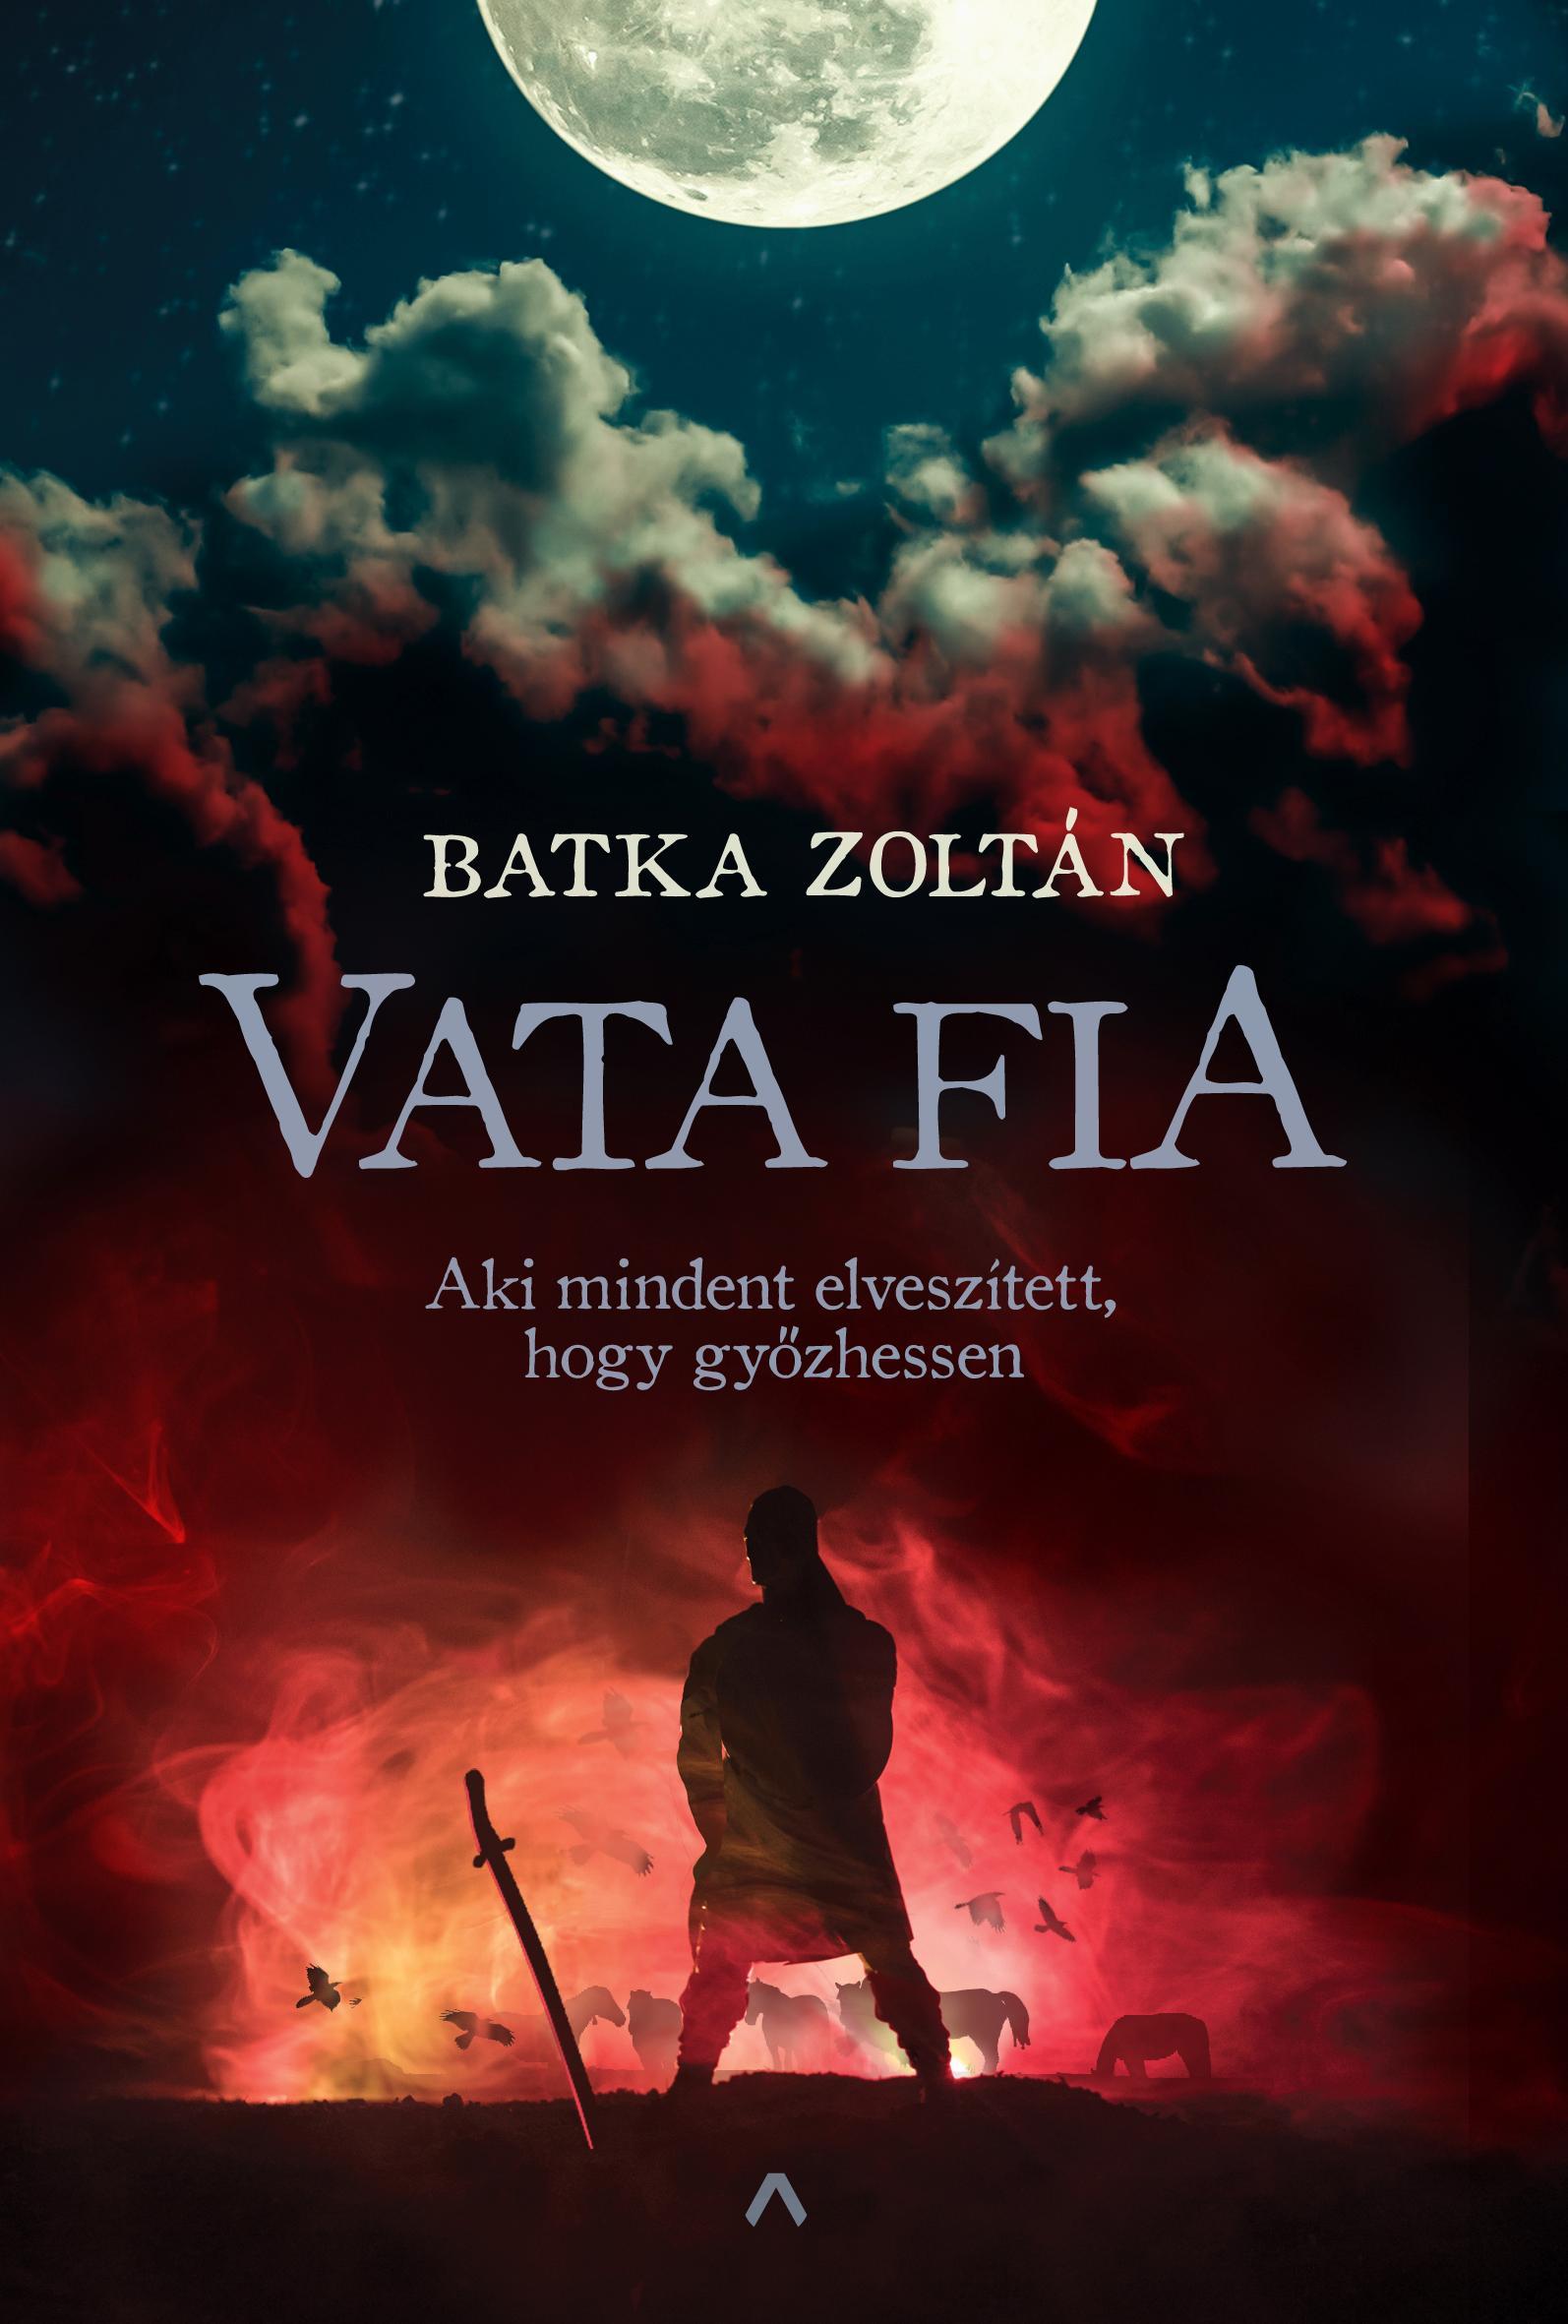 Batka Zoltán: Vata fia